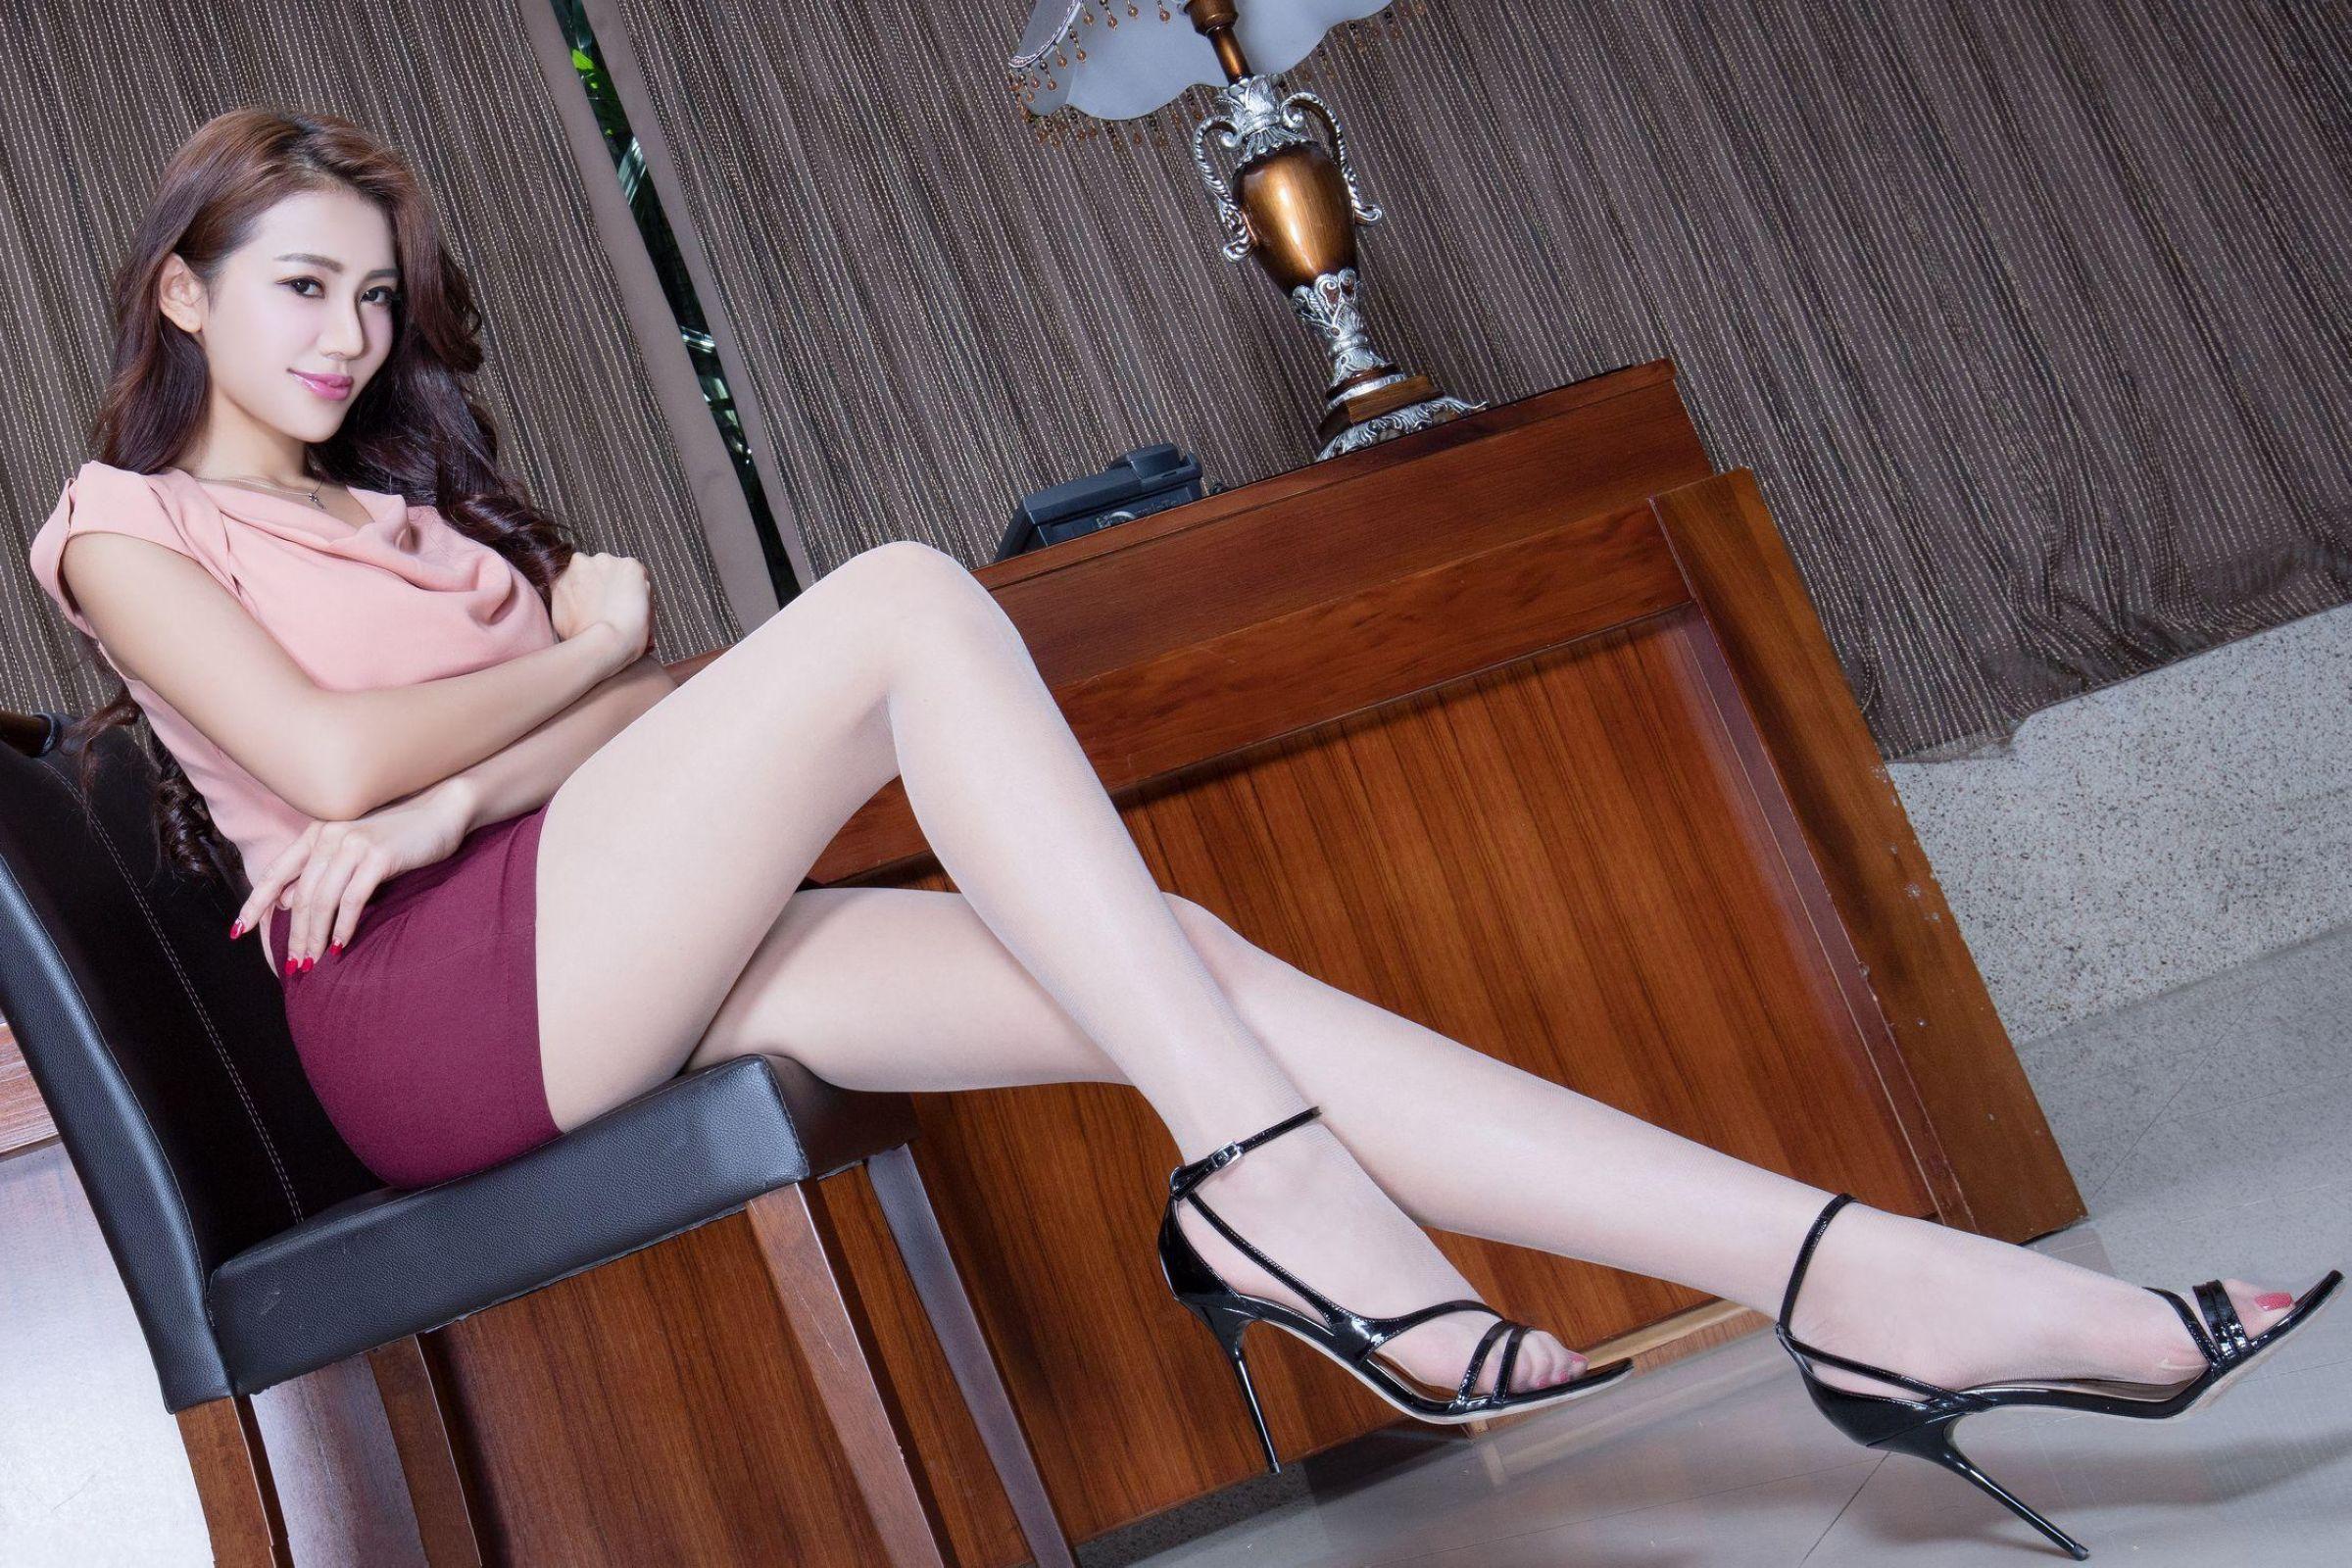 爱秀美腿秀Jennifer - 花開有聲 - 花開有聲